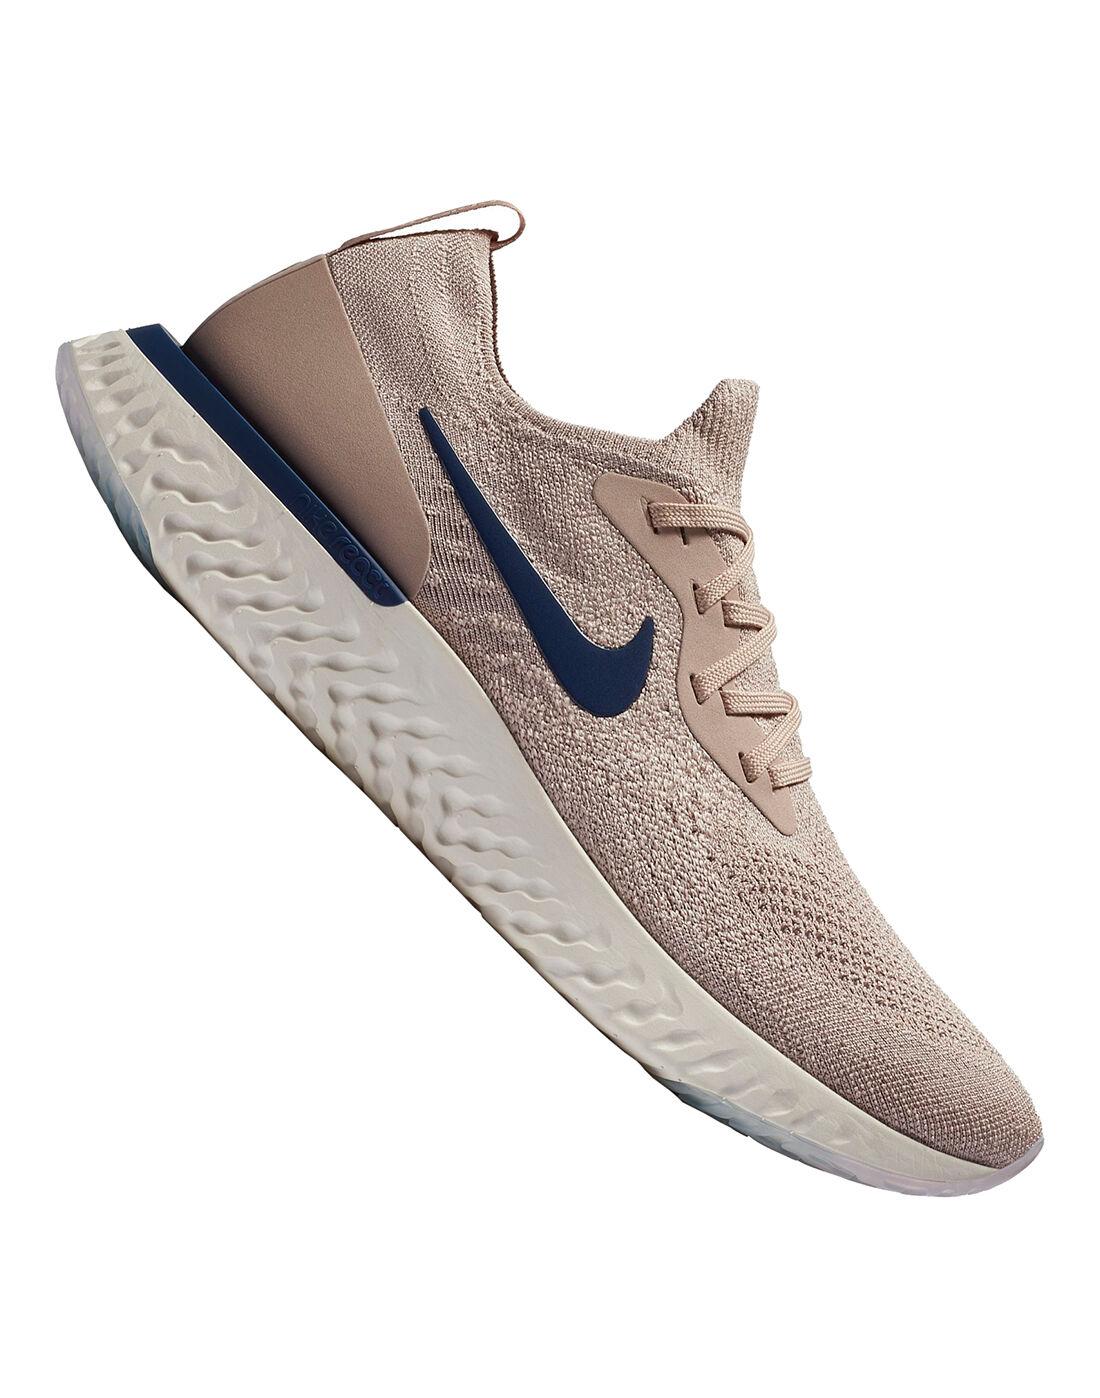 Men's Nike React Flyknit   Beige   Life